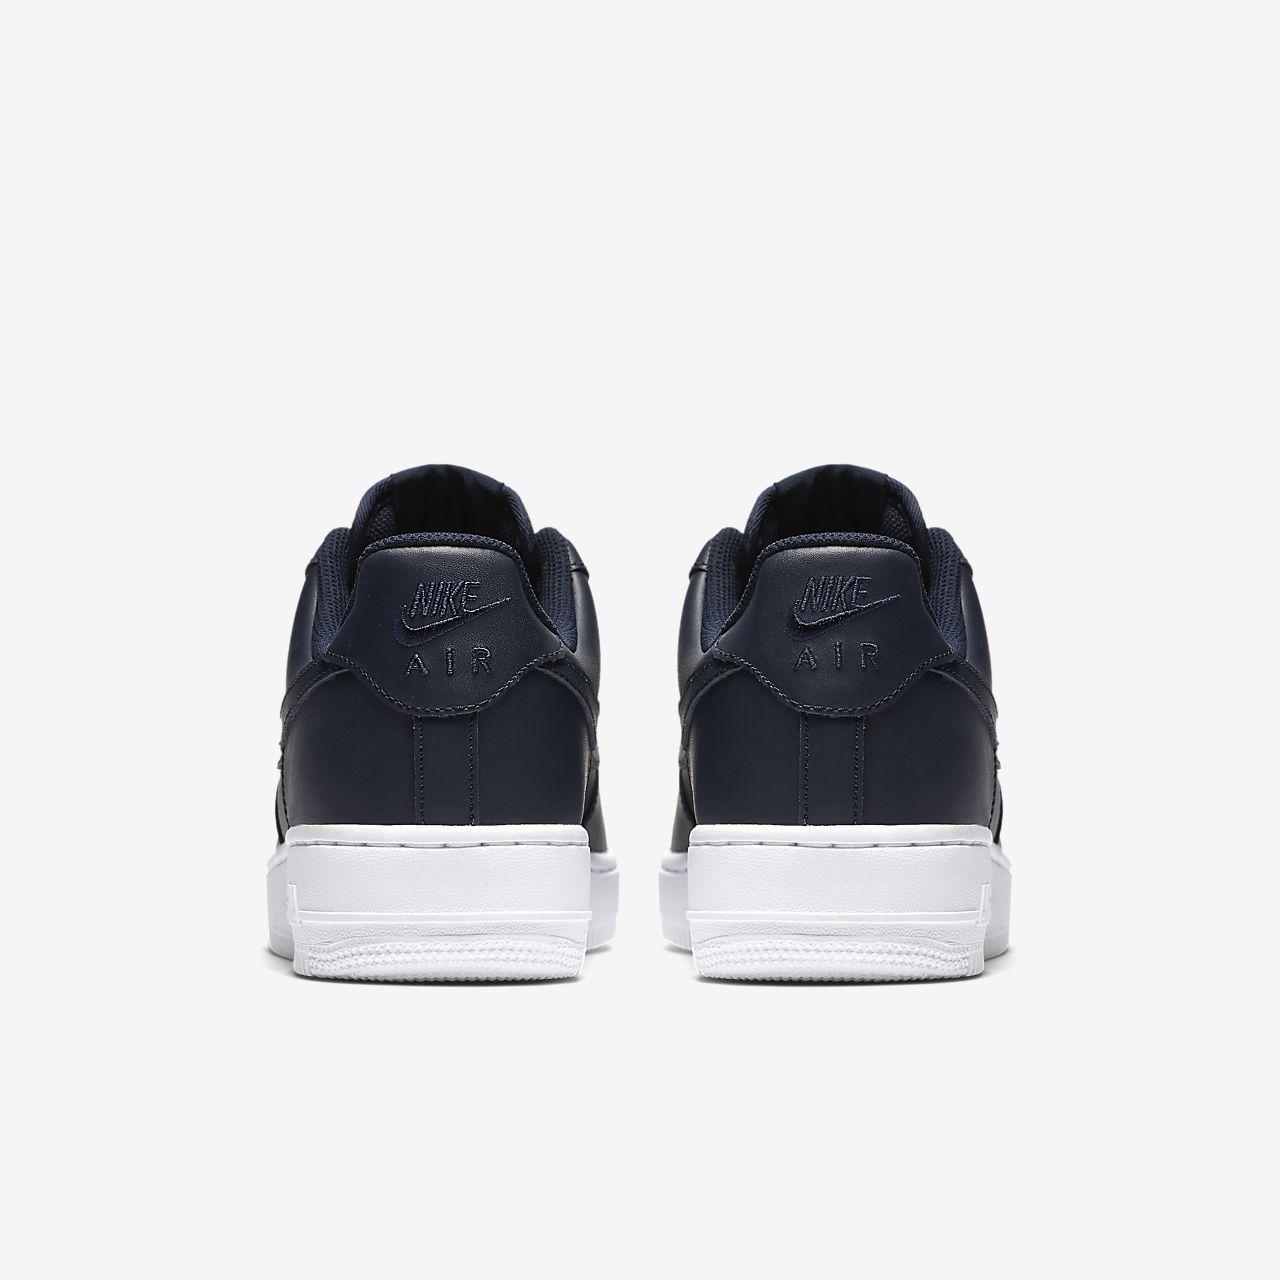 hot sale online 08e65 9ccf4 ... Nike Air Force 1 07 Men s Shoe